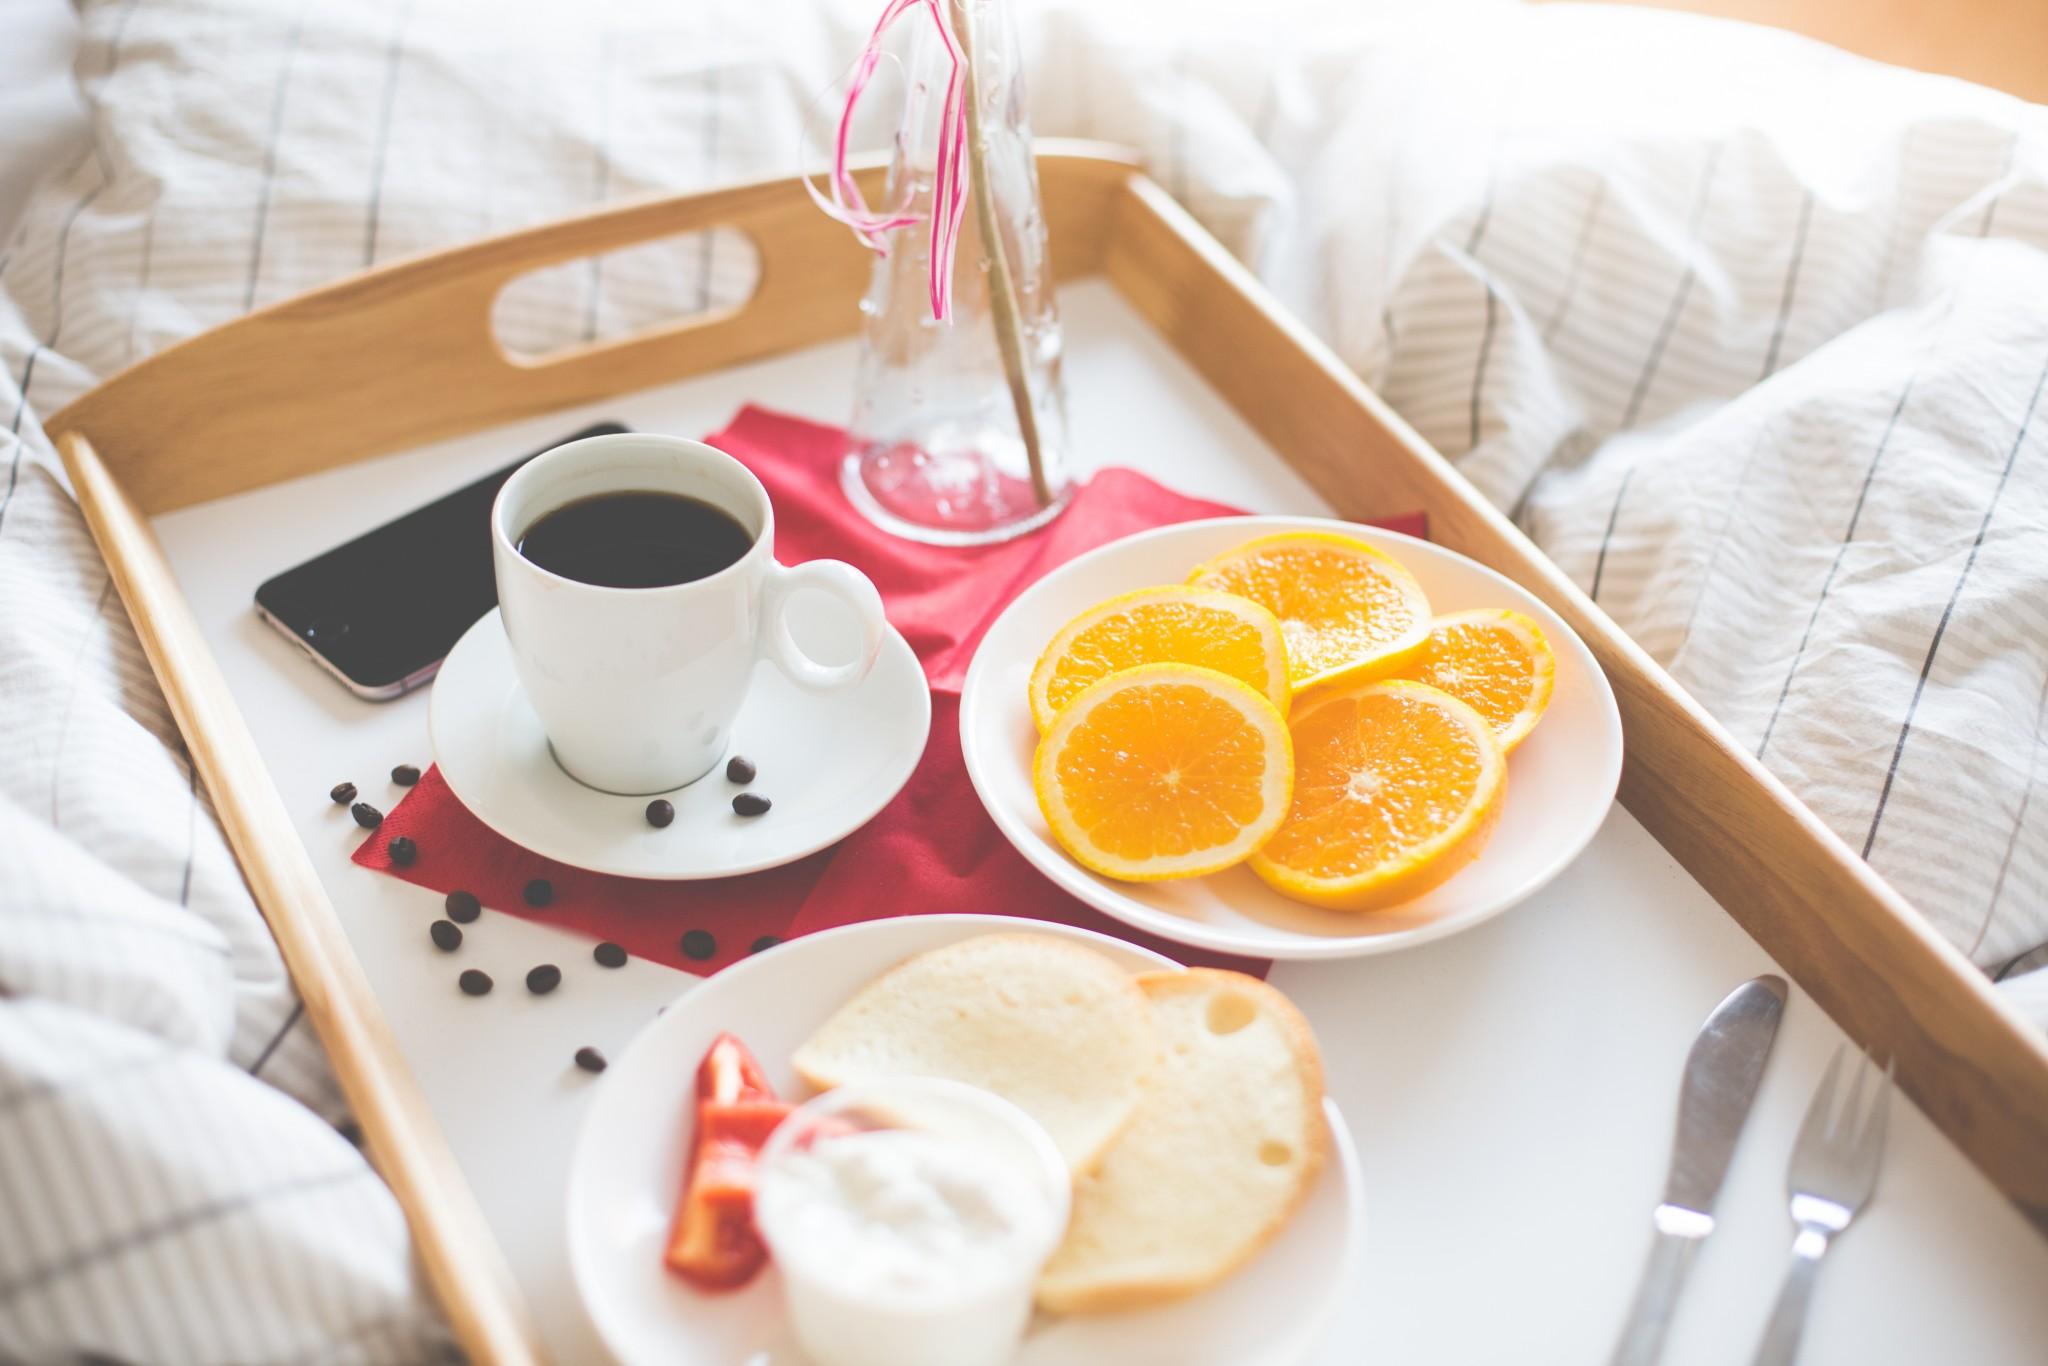 dejeuner au lit